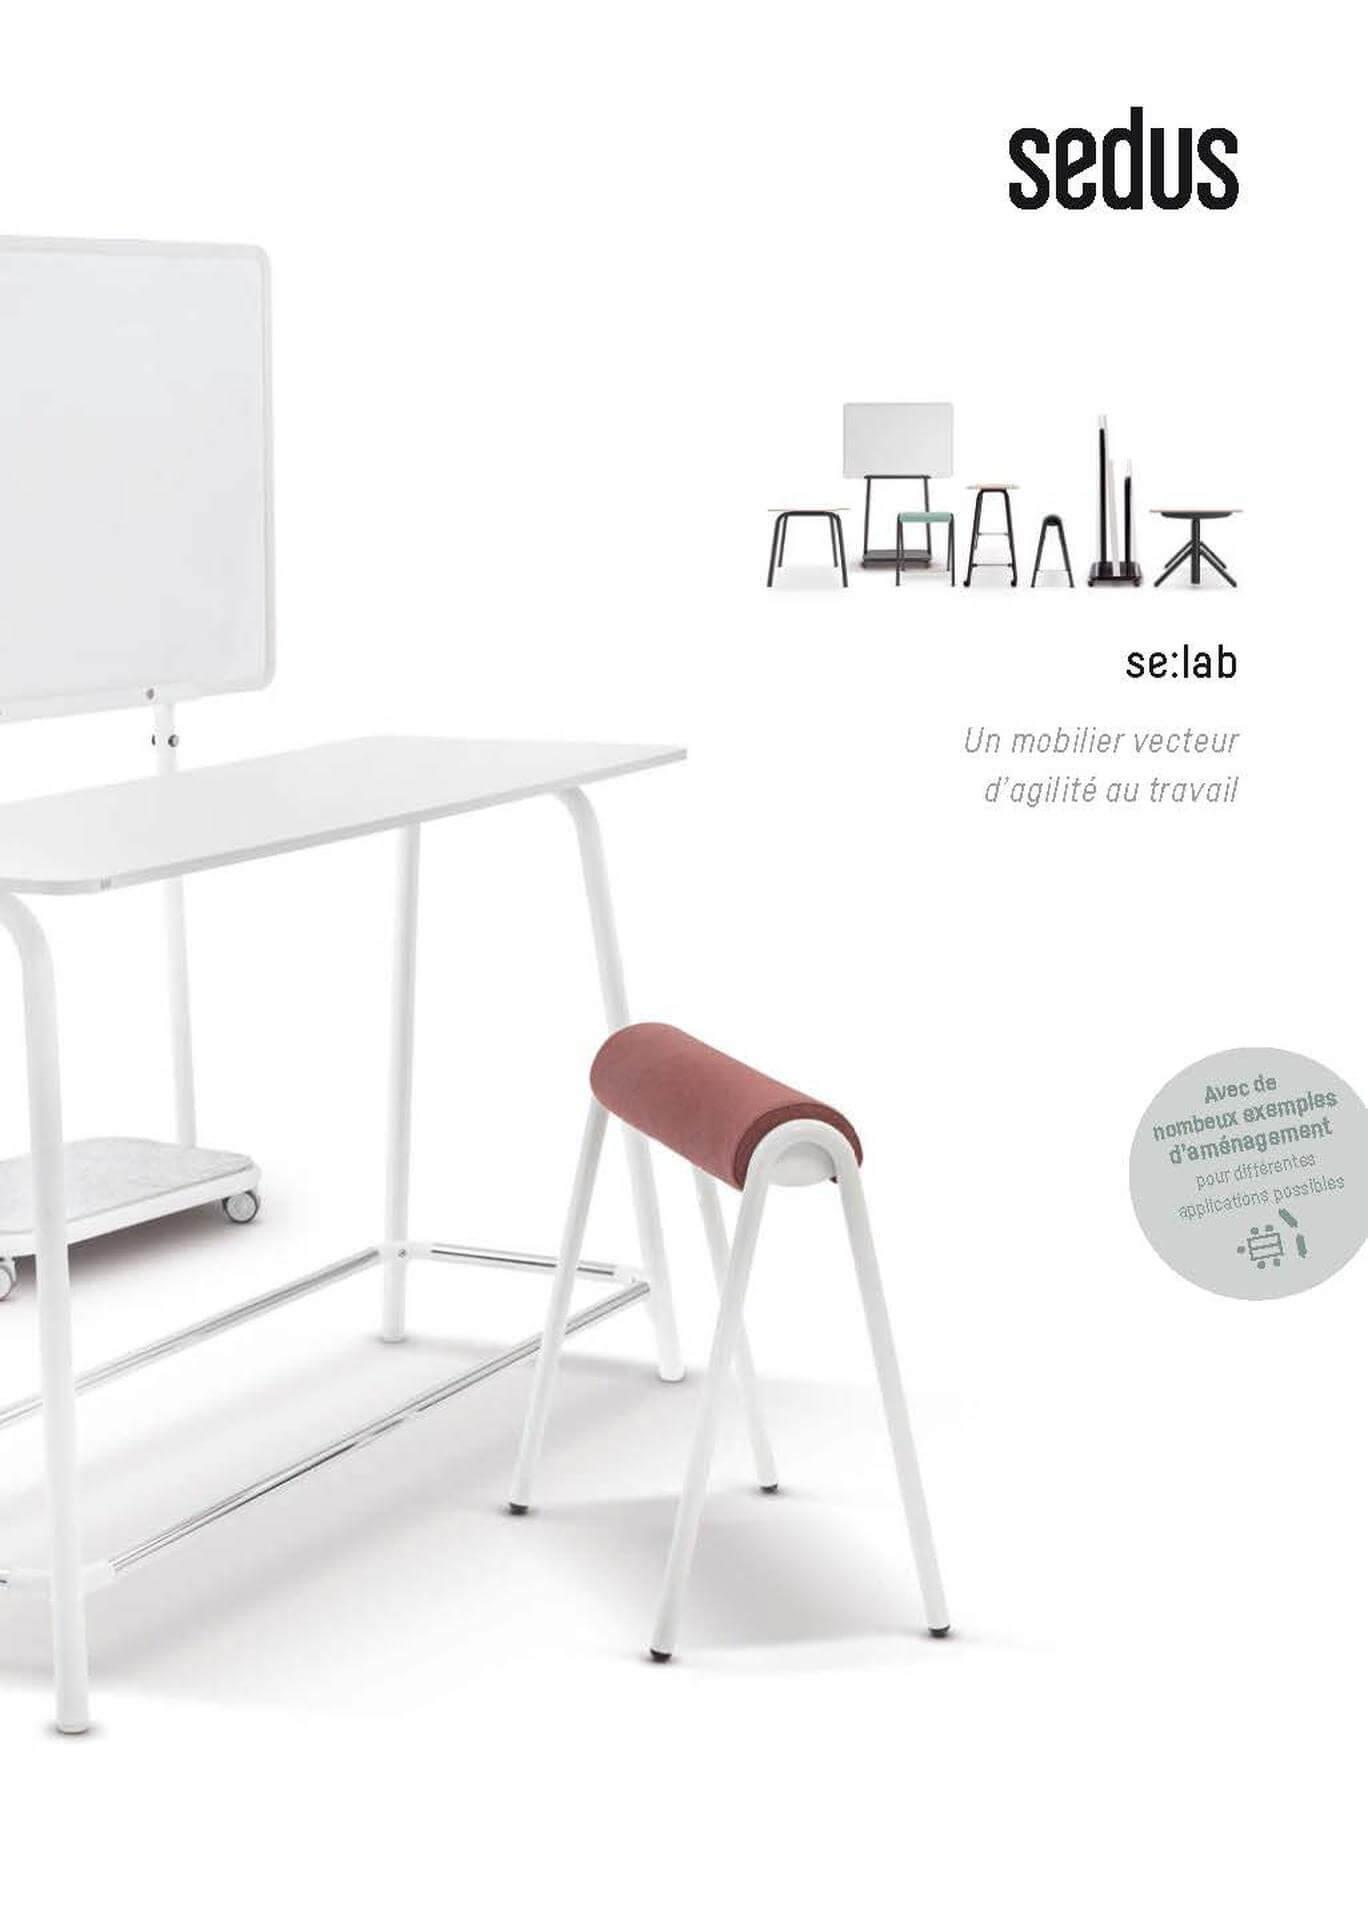 JCD SEDUS mobilier agile se lab Page 01